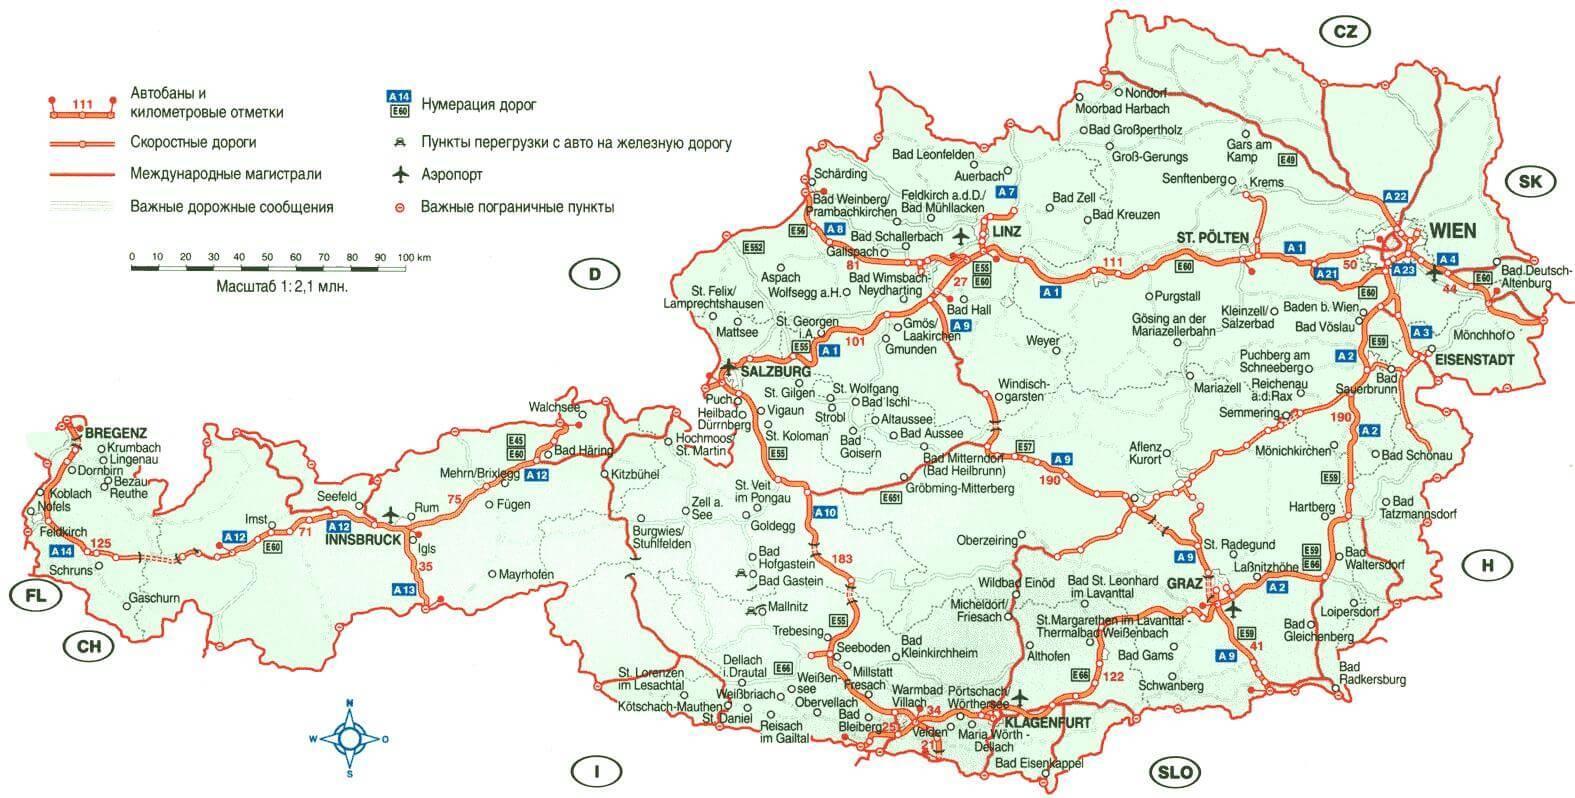 Austrija Turisticka Karta Austrija Kartica Putovanja Zapadna